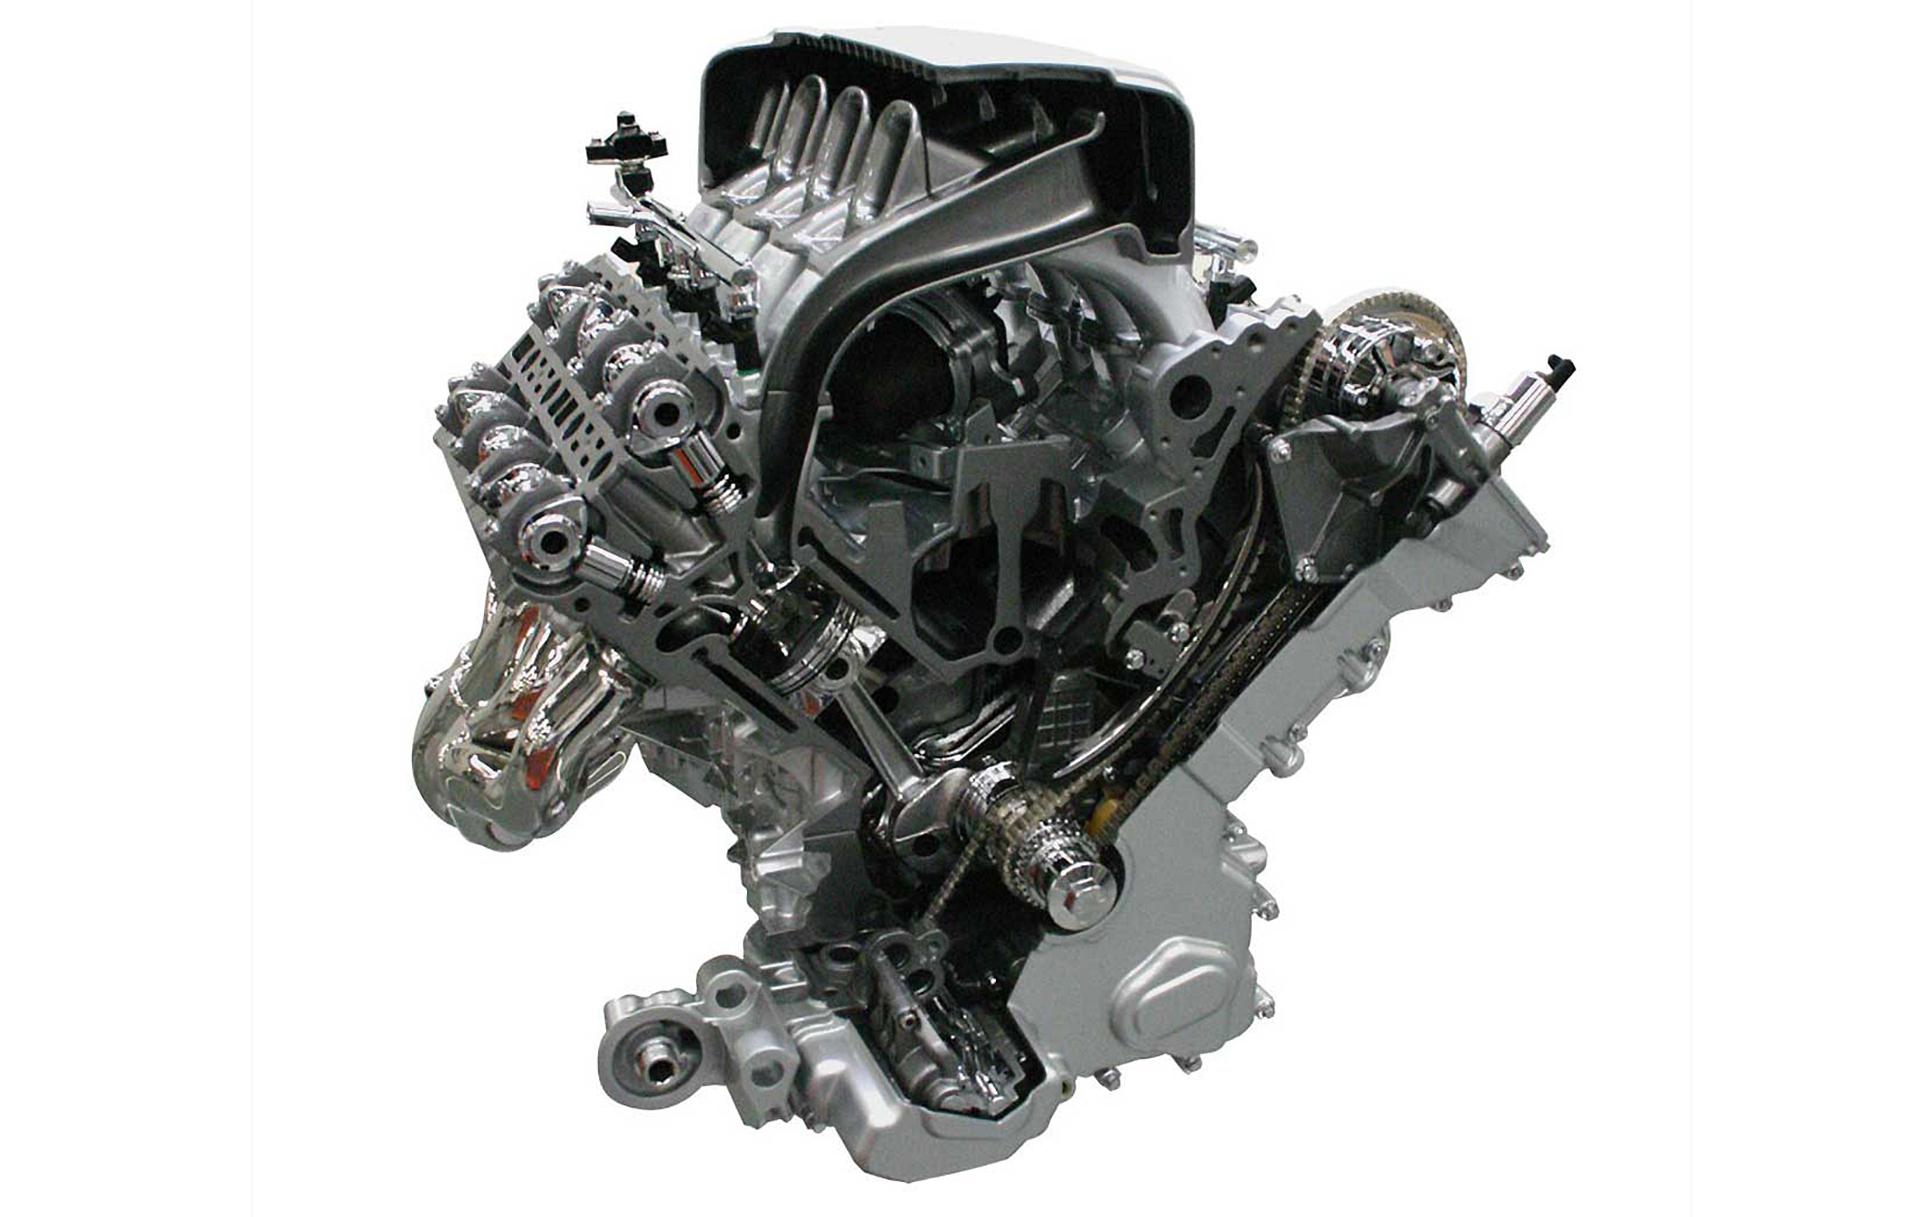 Aston Martin - V8 engine / moteur V8